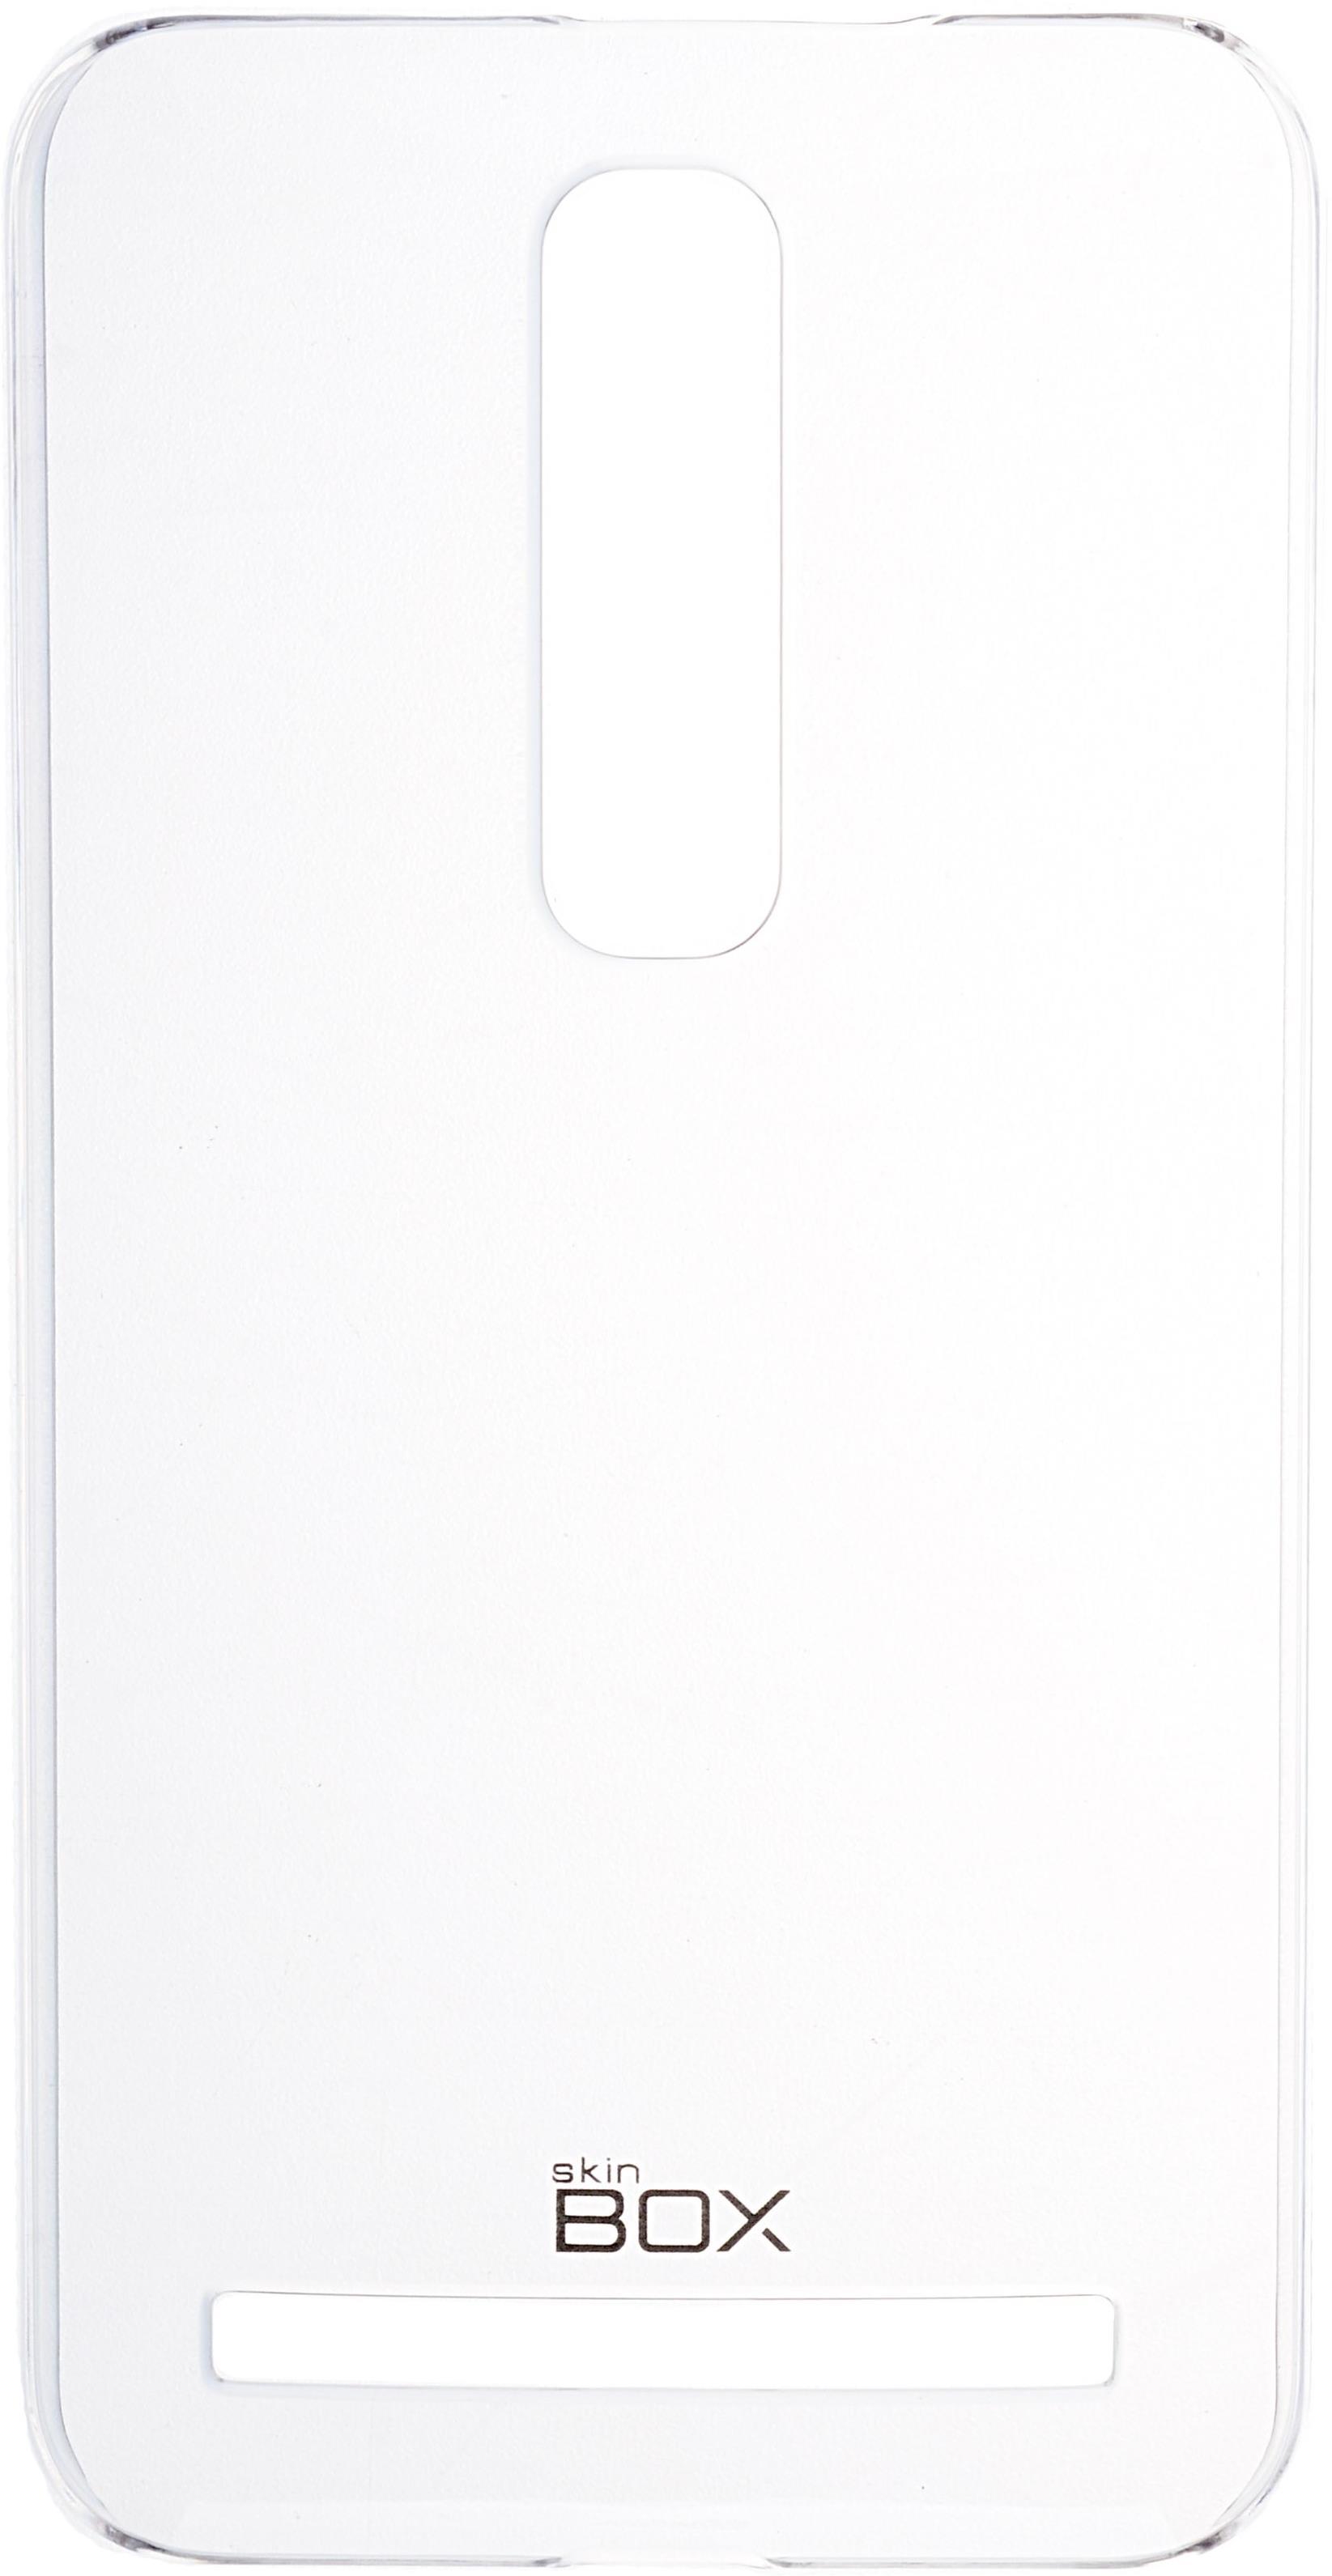 Чехол для сотового телефона skinBOX Crystal, 4630042524903, прозрачный чехол для сотового телефона skinbox crystal 4630042524613 прозрачный